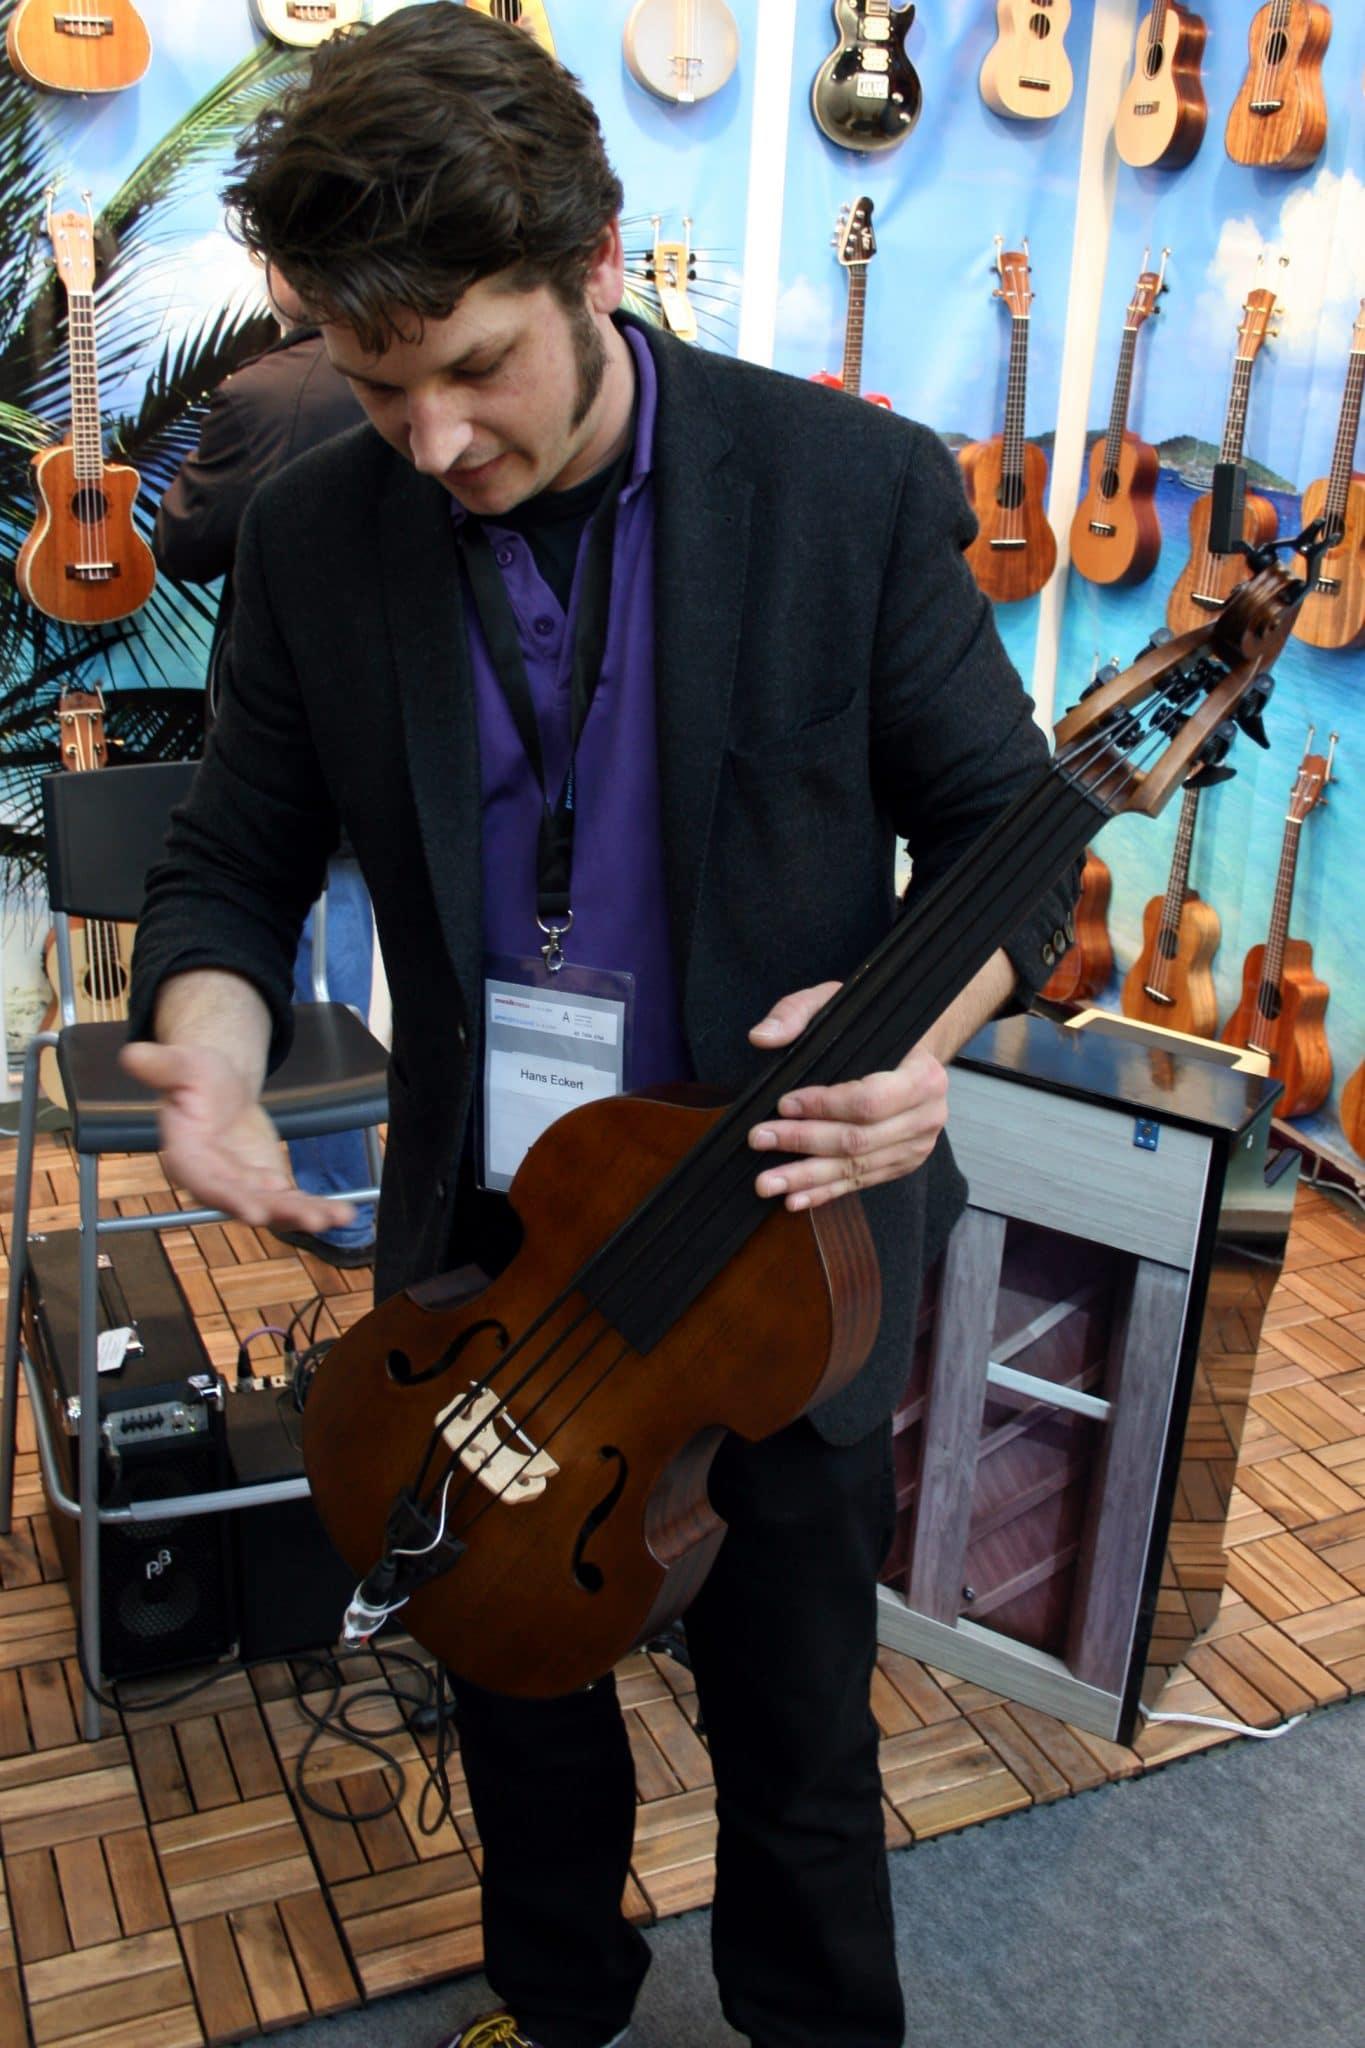 Publikumsmagnet auf der Musikmesse: eine Kontrabass-Ukulele